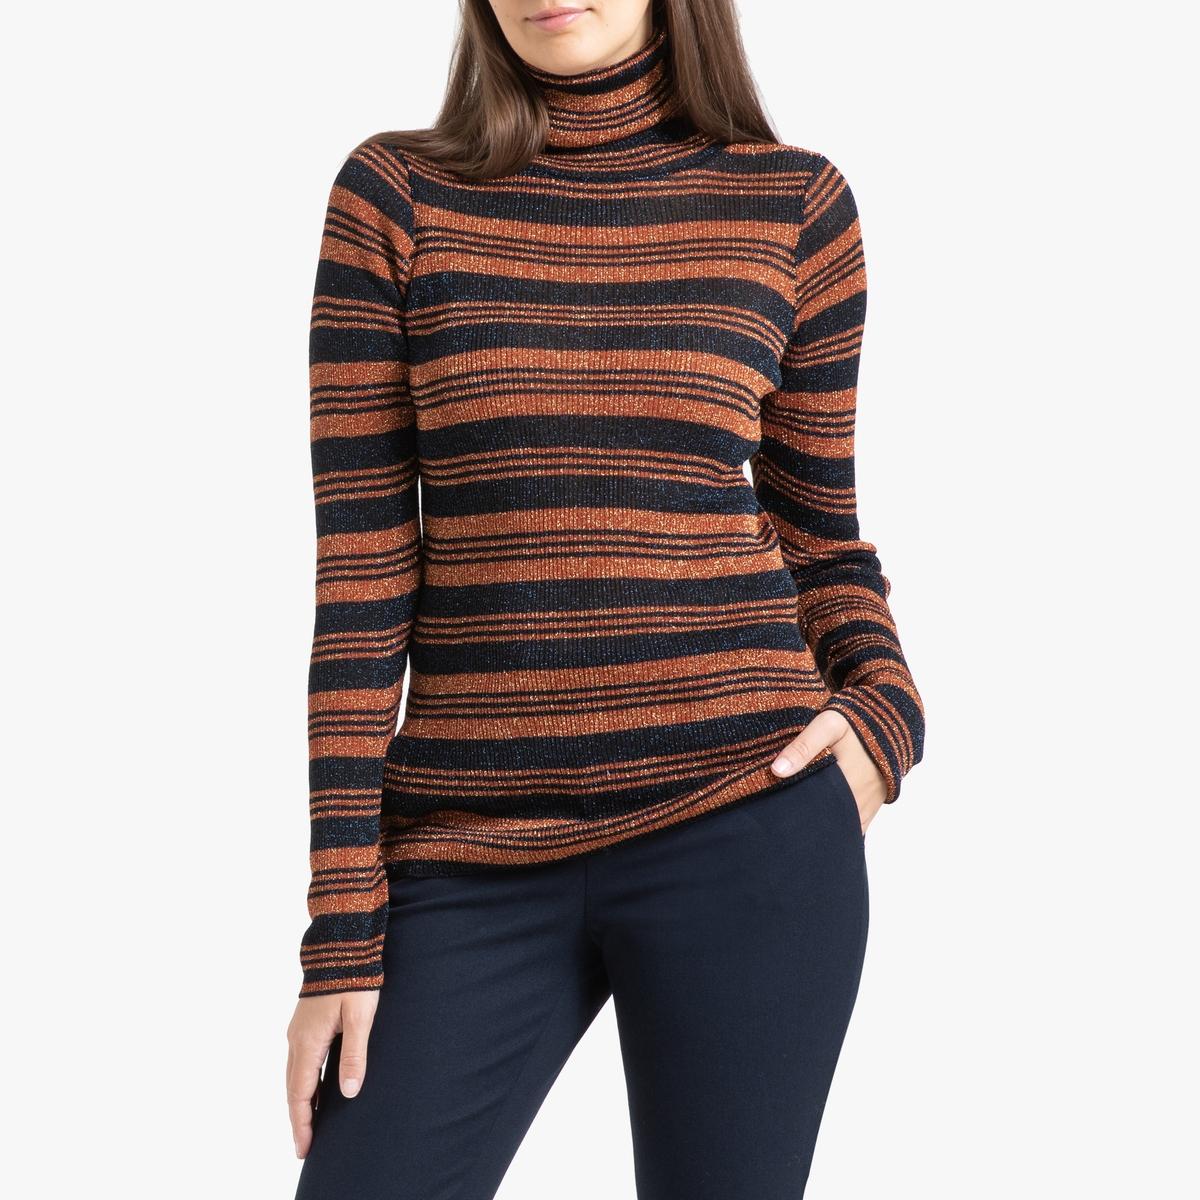 Пуловер La Redoute В полоску с отворачивающимся воротником из тонкого блестящего трикотажа NUMBIA XS оранжевый пуловер из блестящего трикотажа 3 12 лет